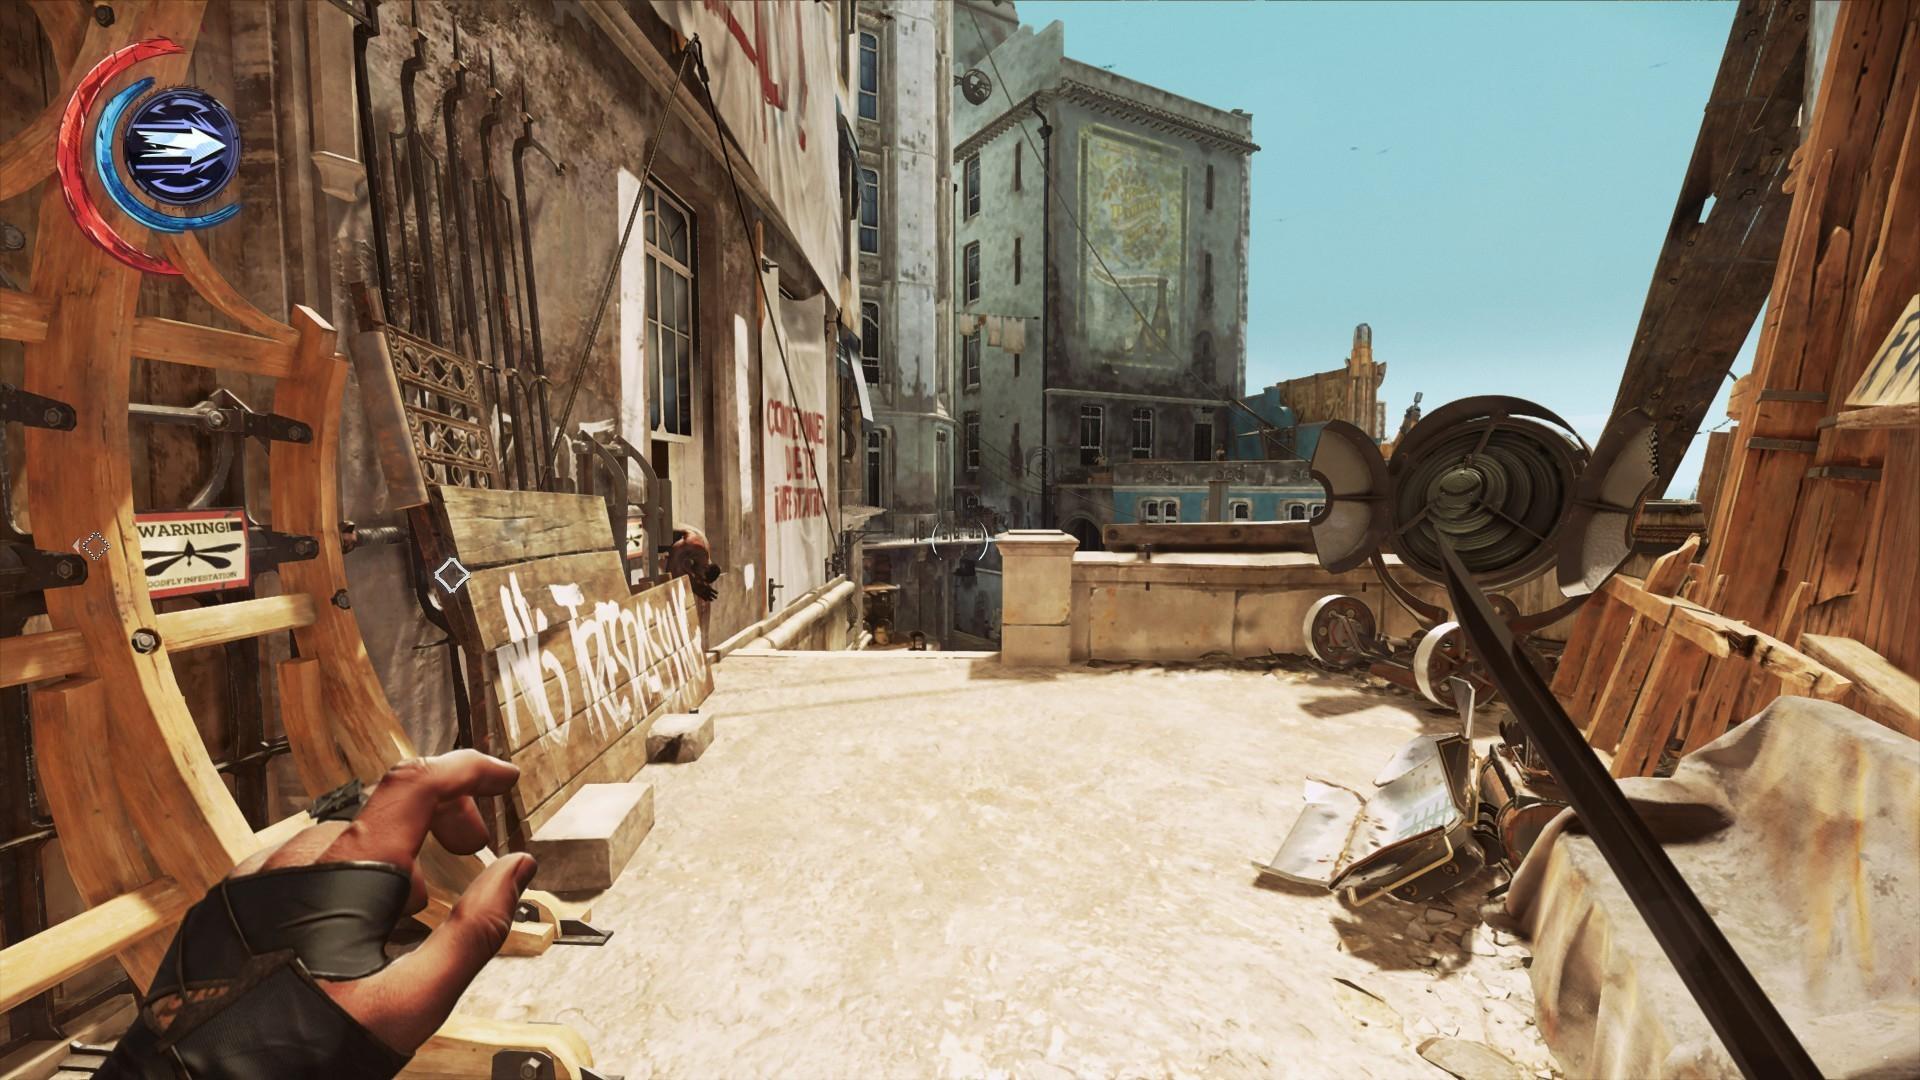 Изменения цен на ПК: Metro Exodus значительно подешевела, а игры серии Dishonored подорожали